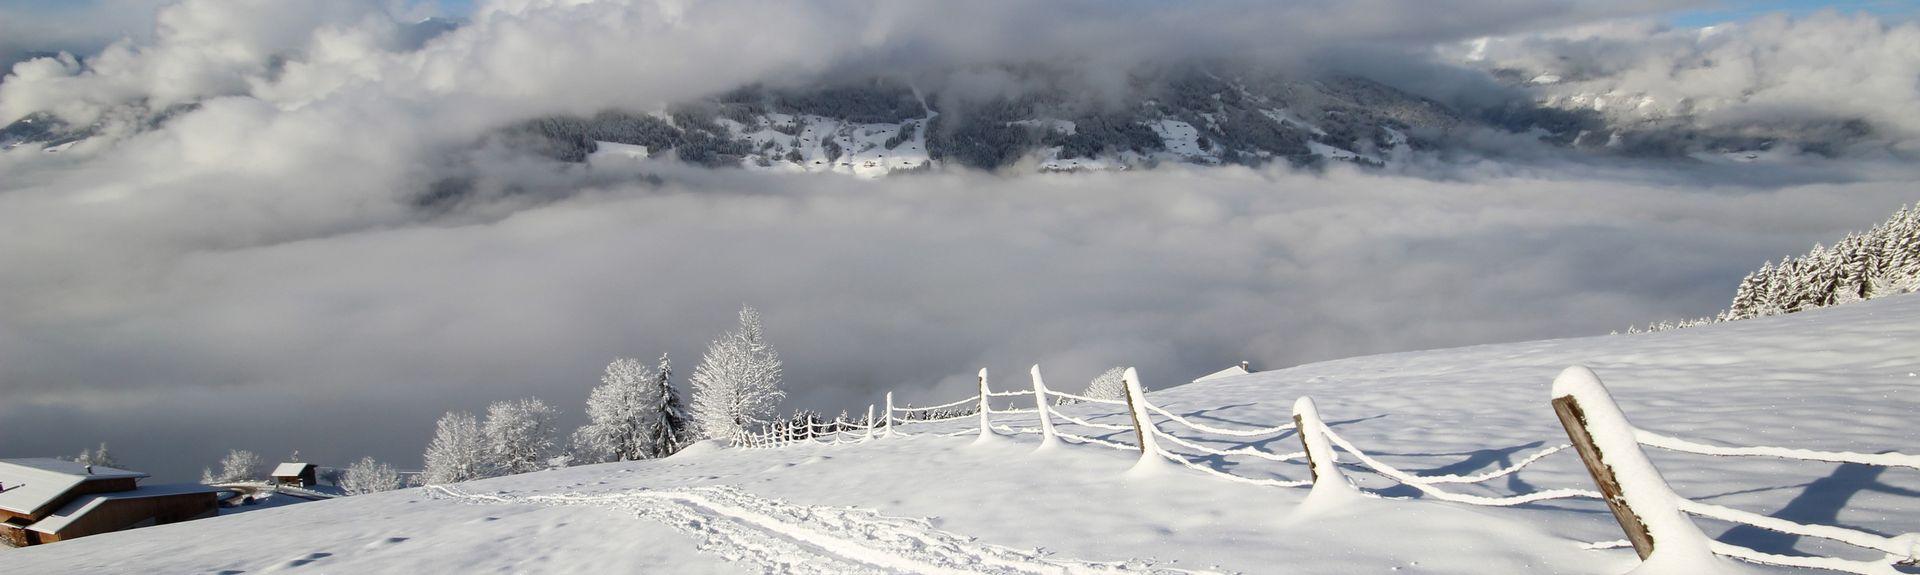 Gerlosbergeben, Gerlosberg, Tirol, Oostenrijk